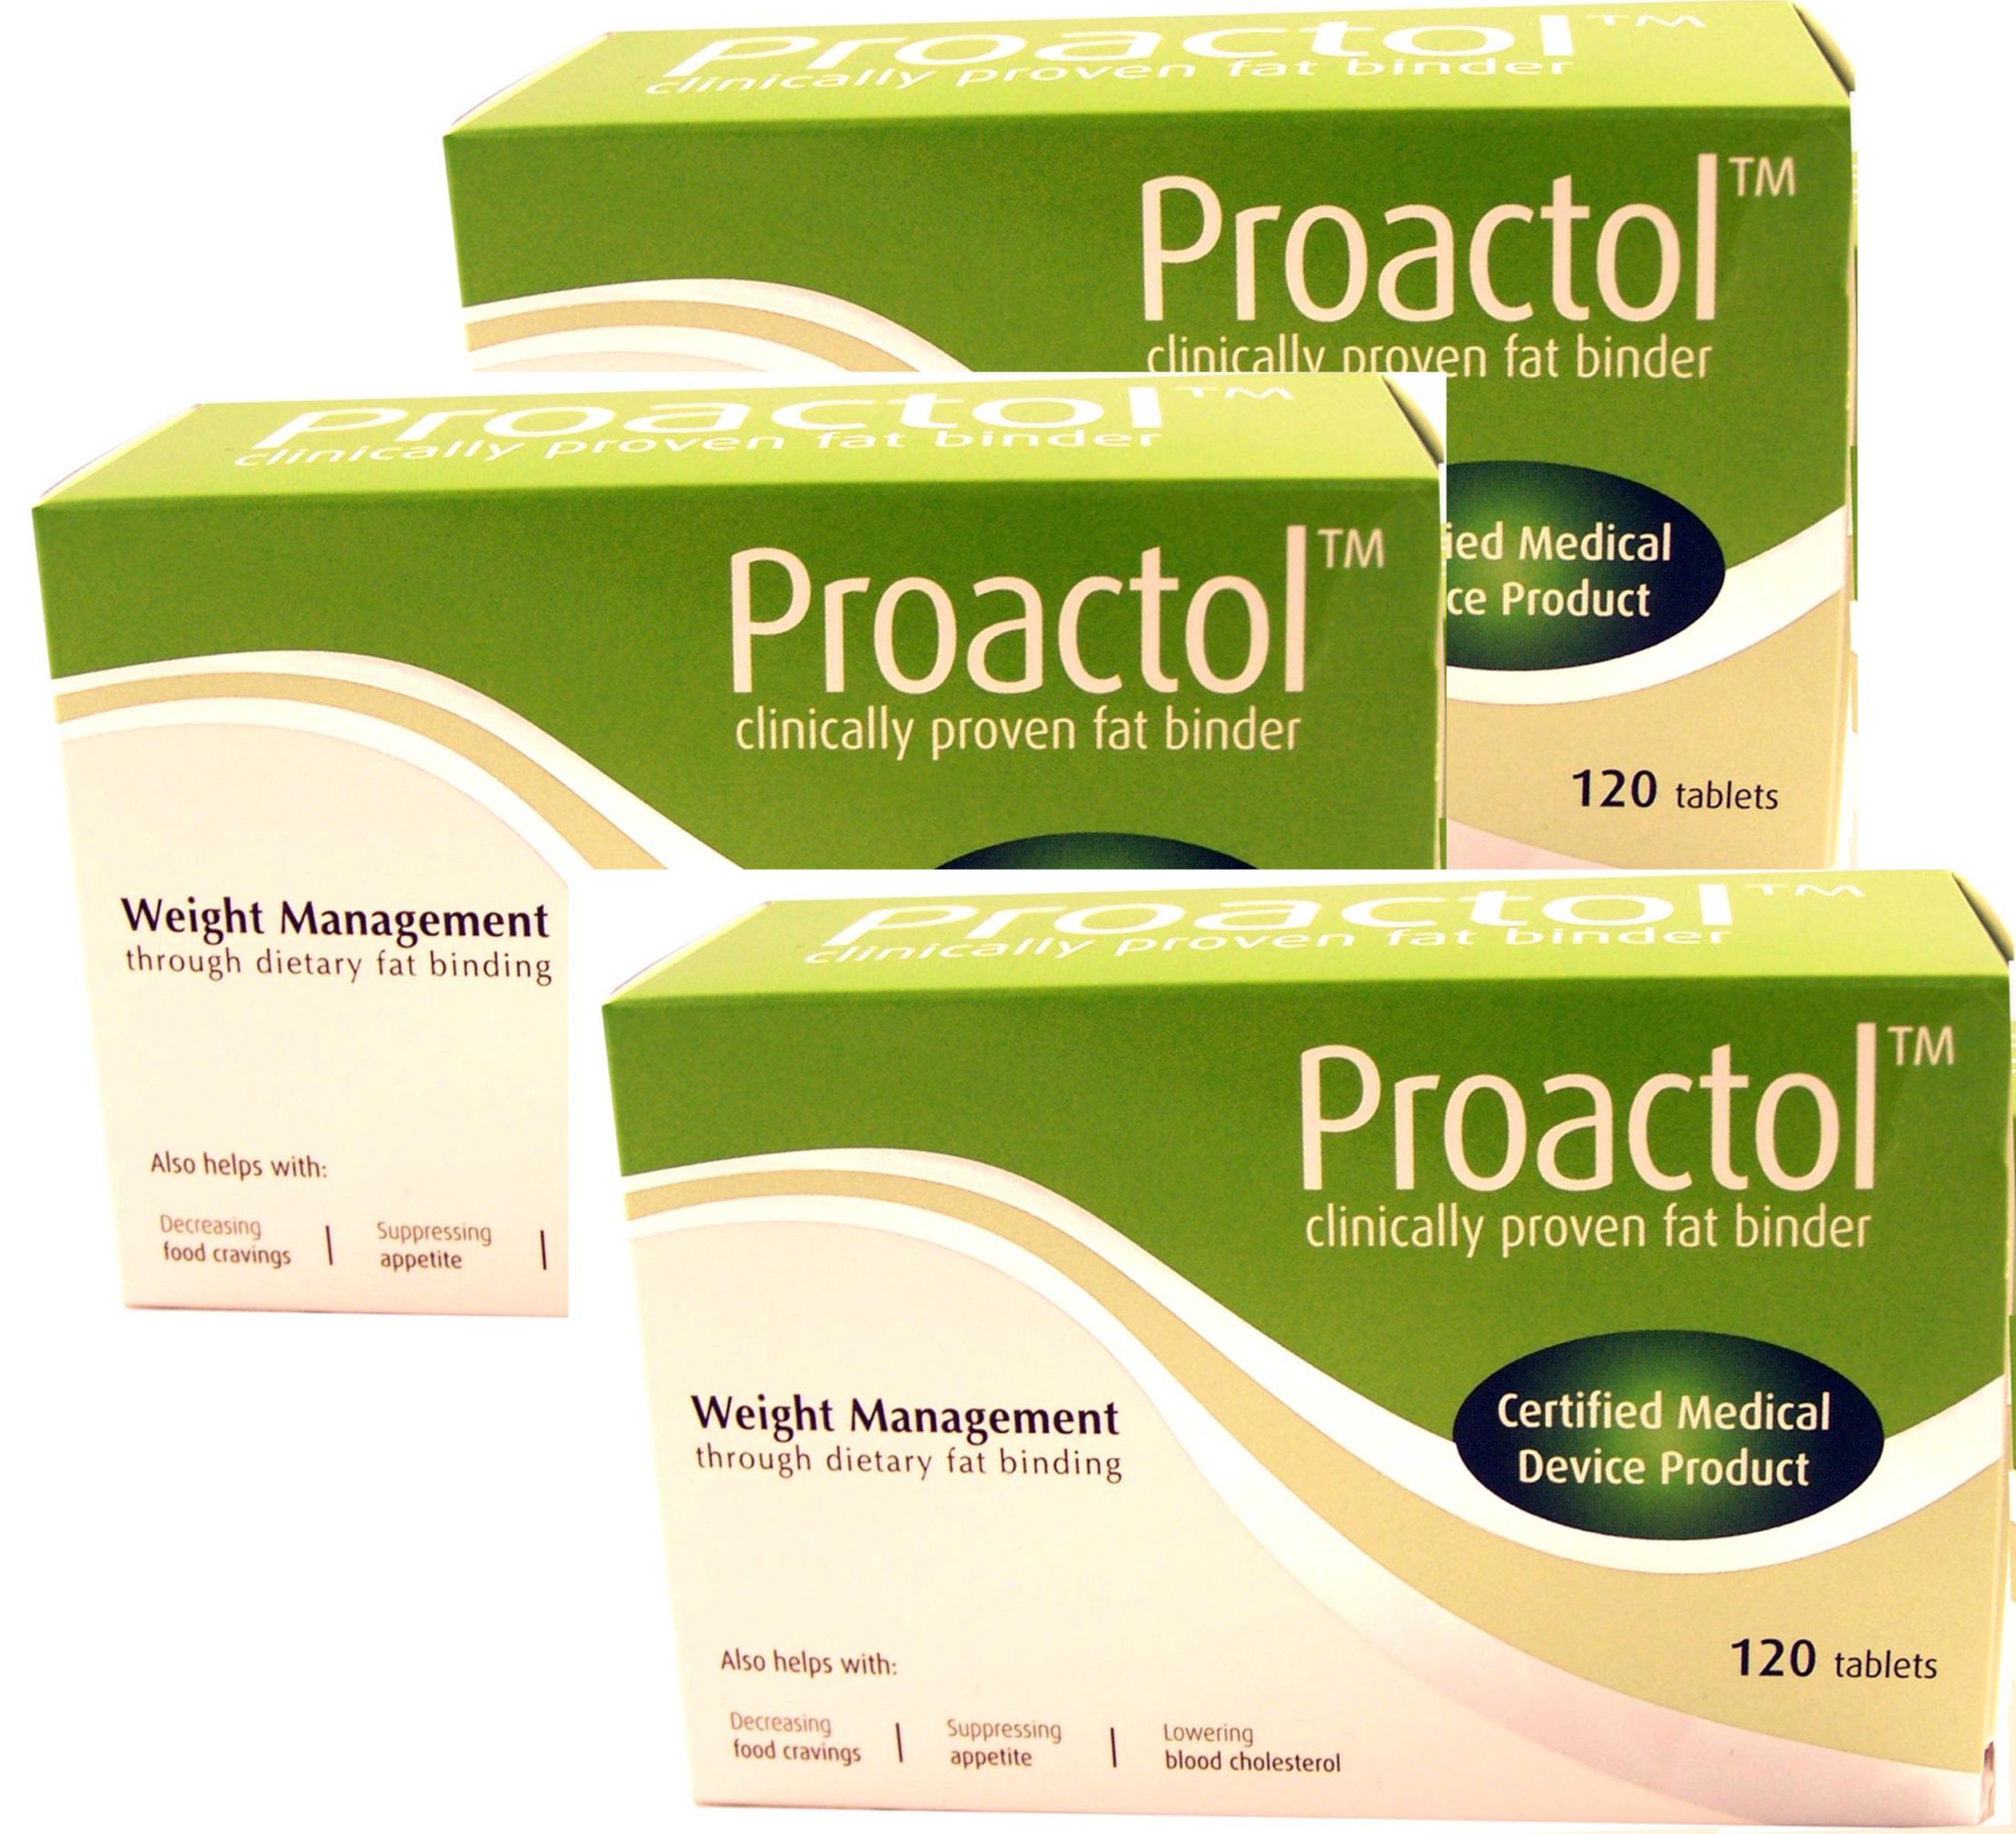 Consejos y recomendaciones para que pueda sacarle provecho a Proactol